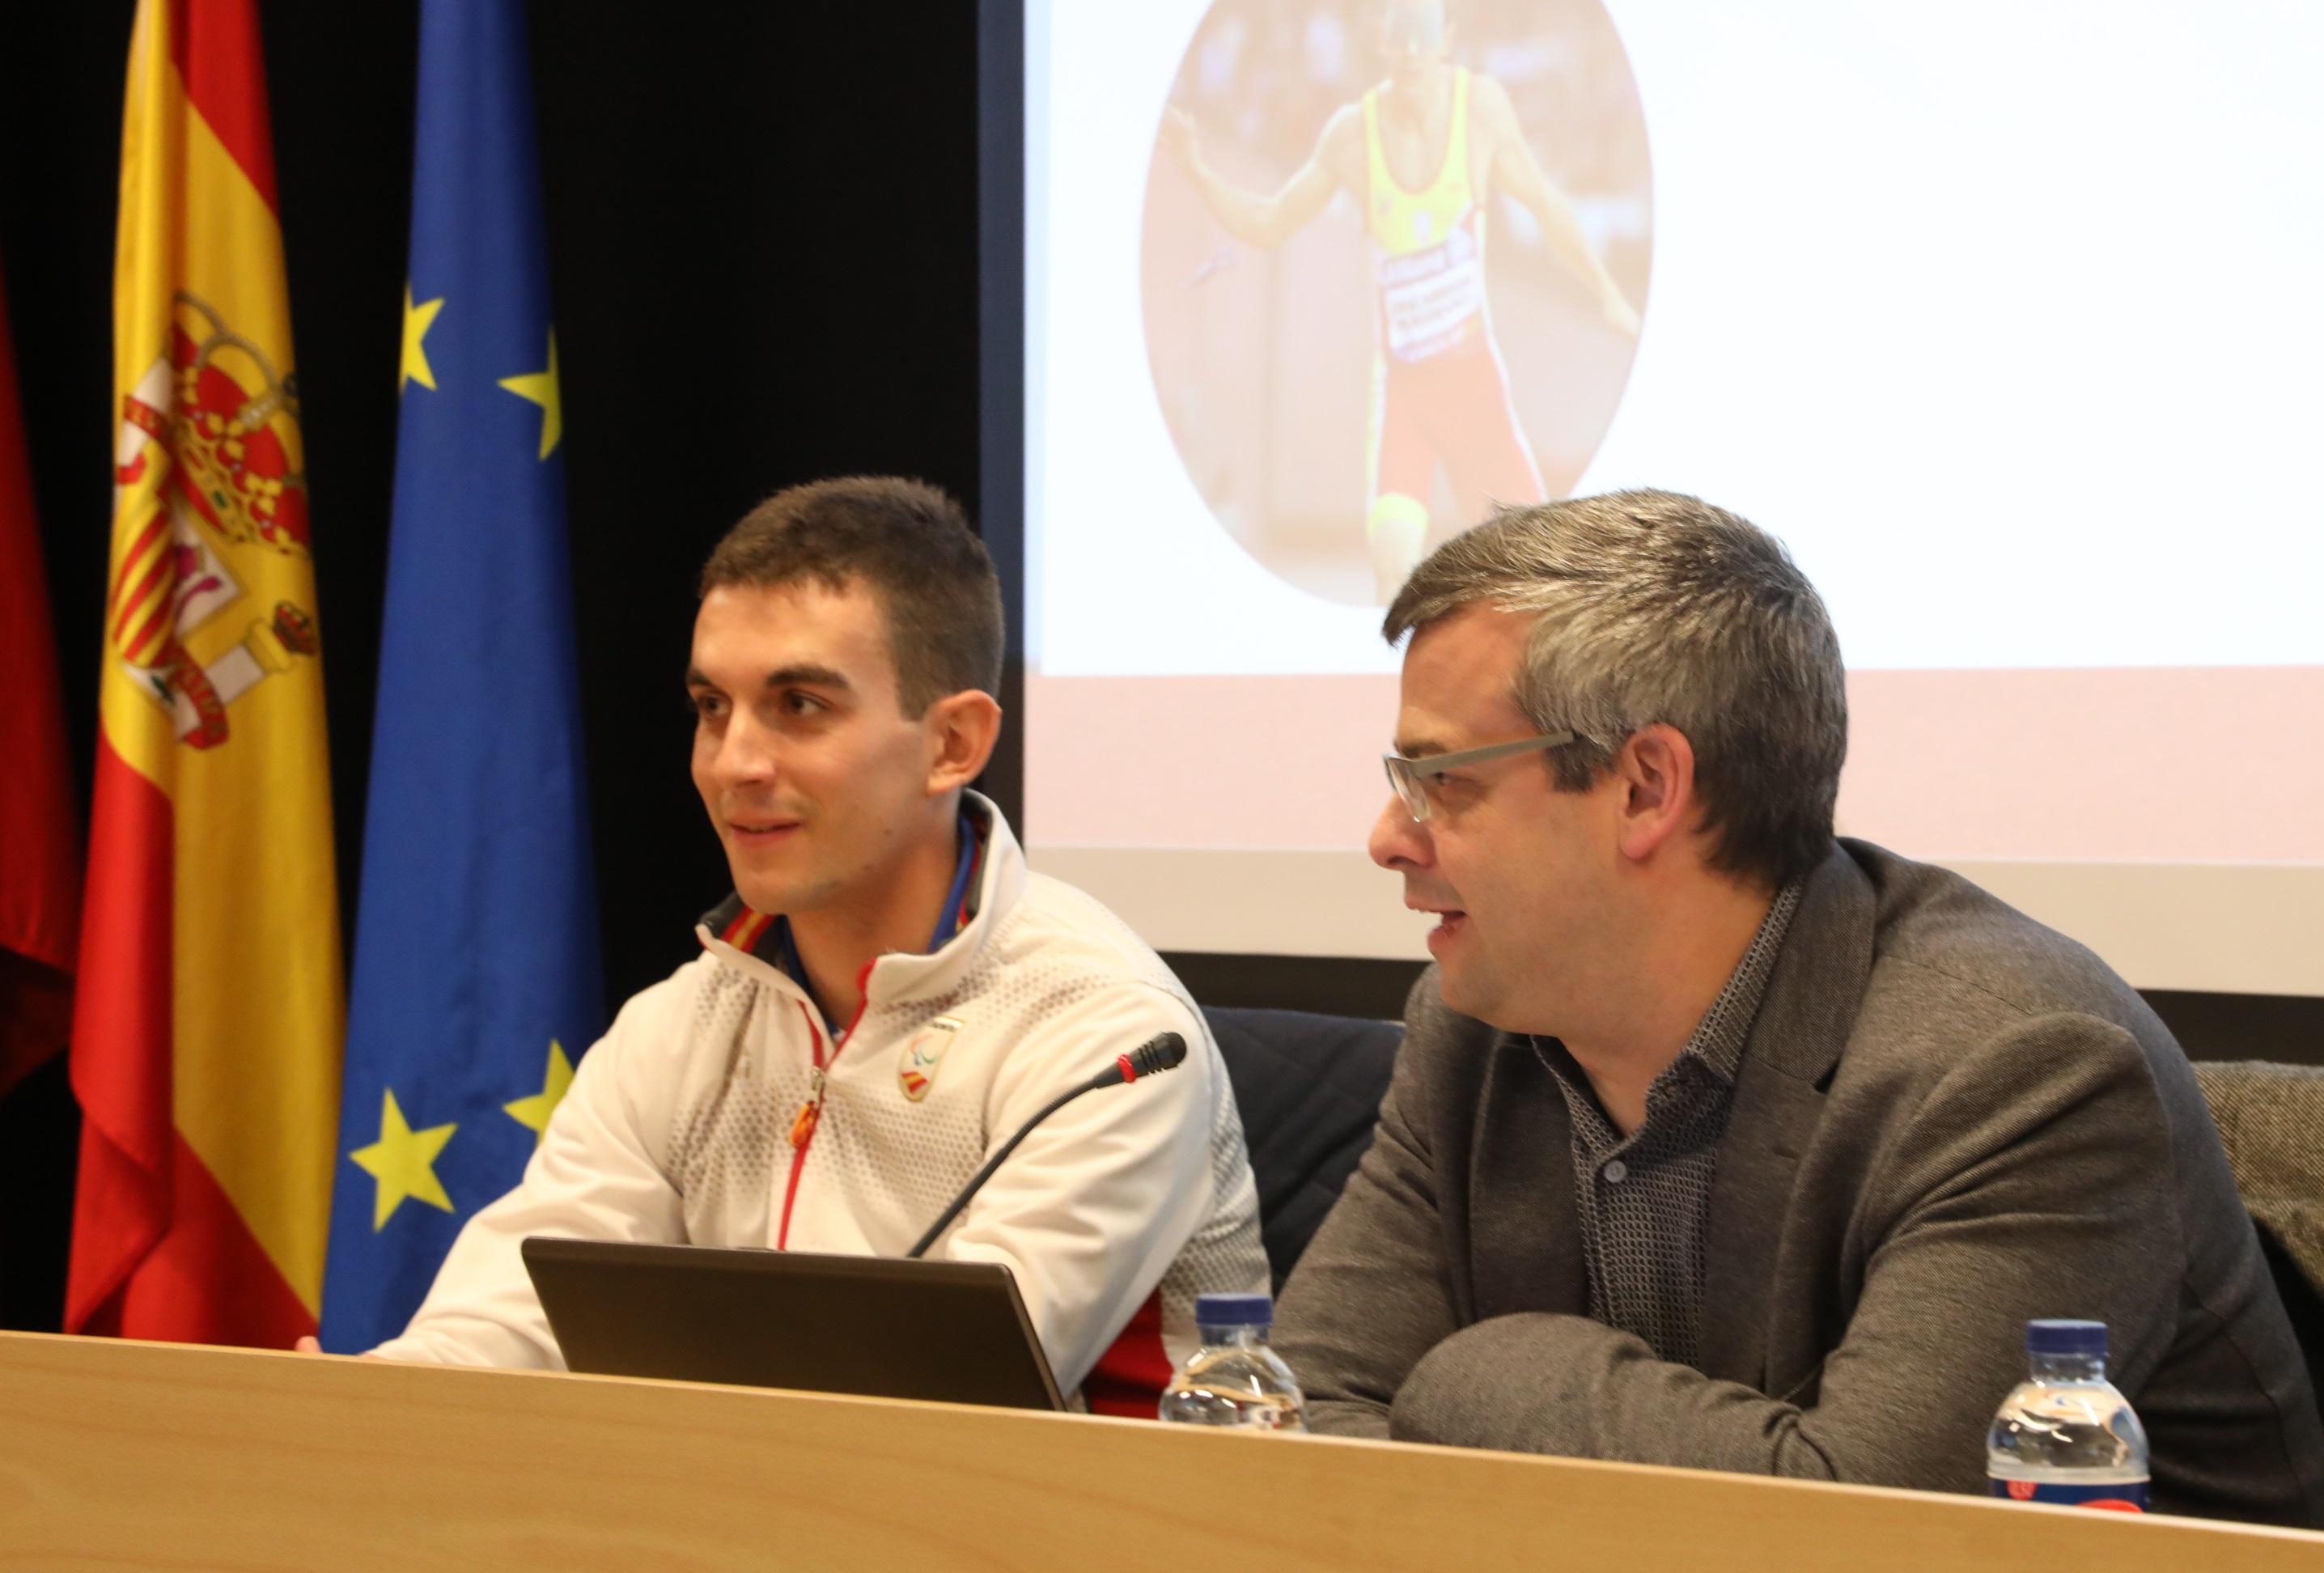 descarrega leardy El atleta invidente Gerard Descarrega visita la Universidad Francisco de Vitoria